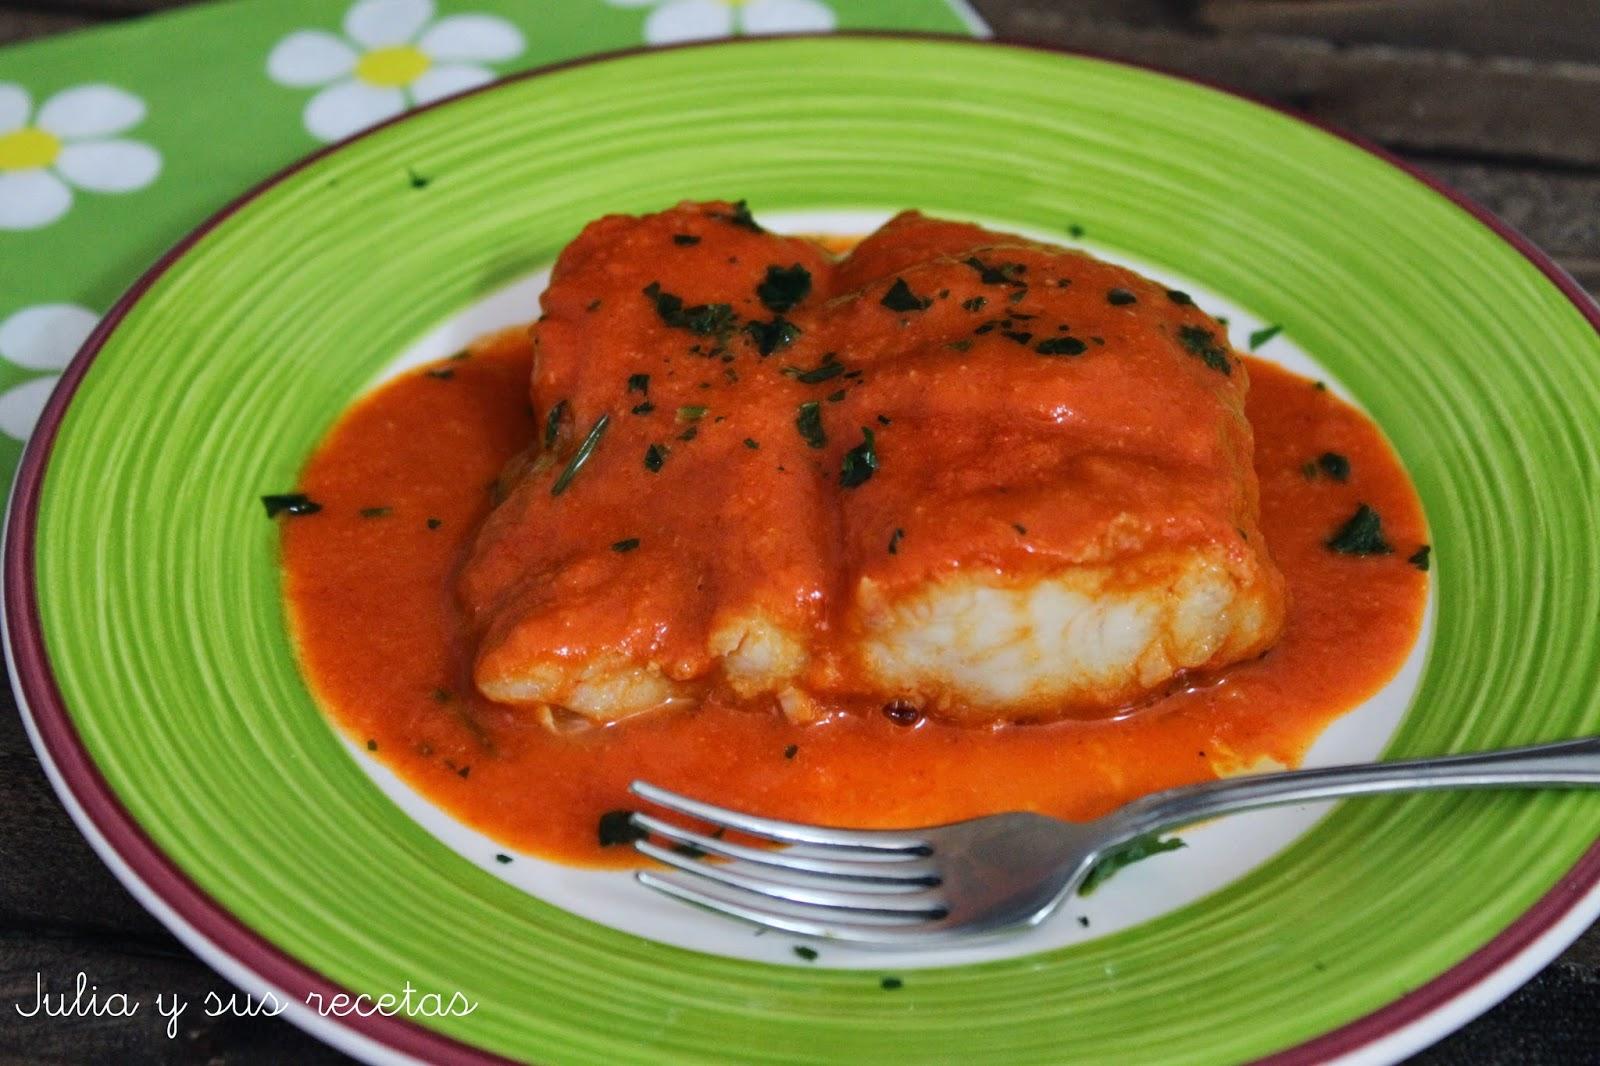 Merluza en salsa de pimientos de piquillo. Julia y sus recetas